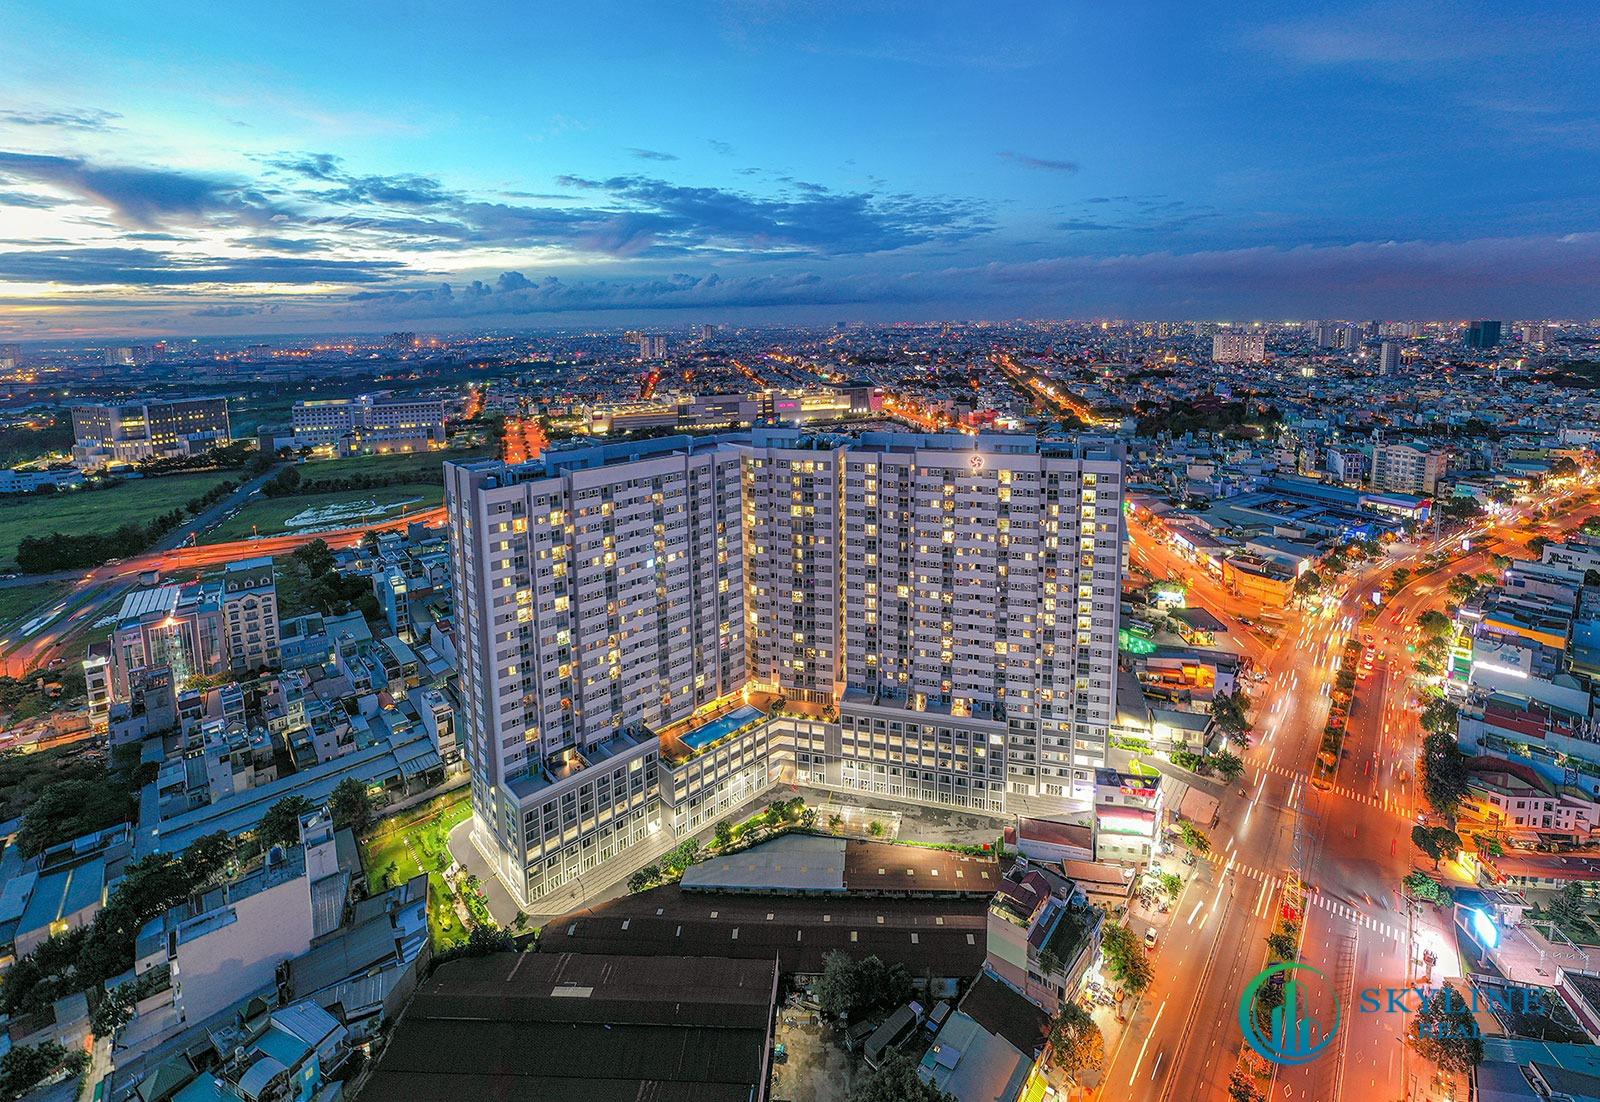 Phối cảnh tổng thể dự án căn hộ Moonlight Centre Point chủ đầu tư Hưng Thịnh